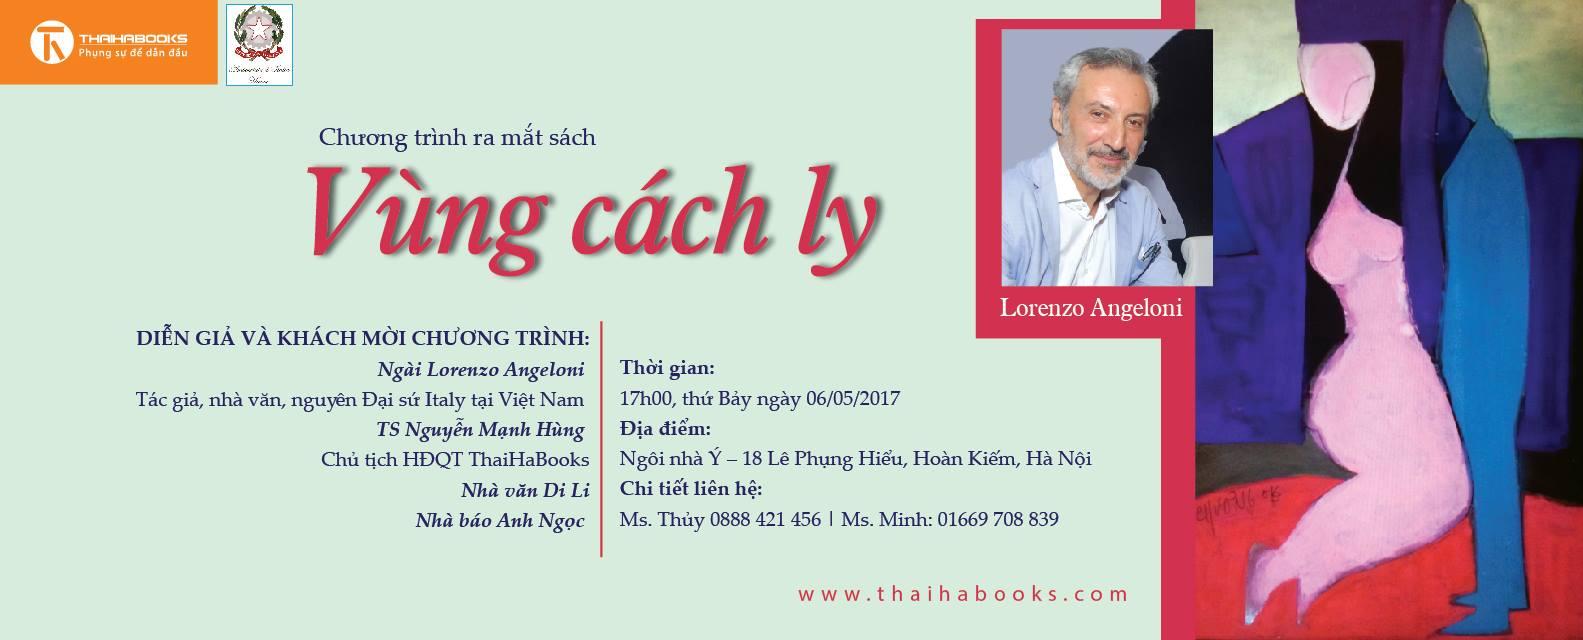 """17h ngày 06/05 Reading tour 22 với chủ đề: """"Vùng cách ly"""""""